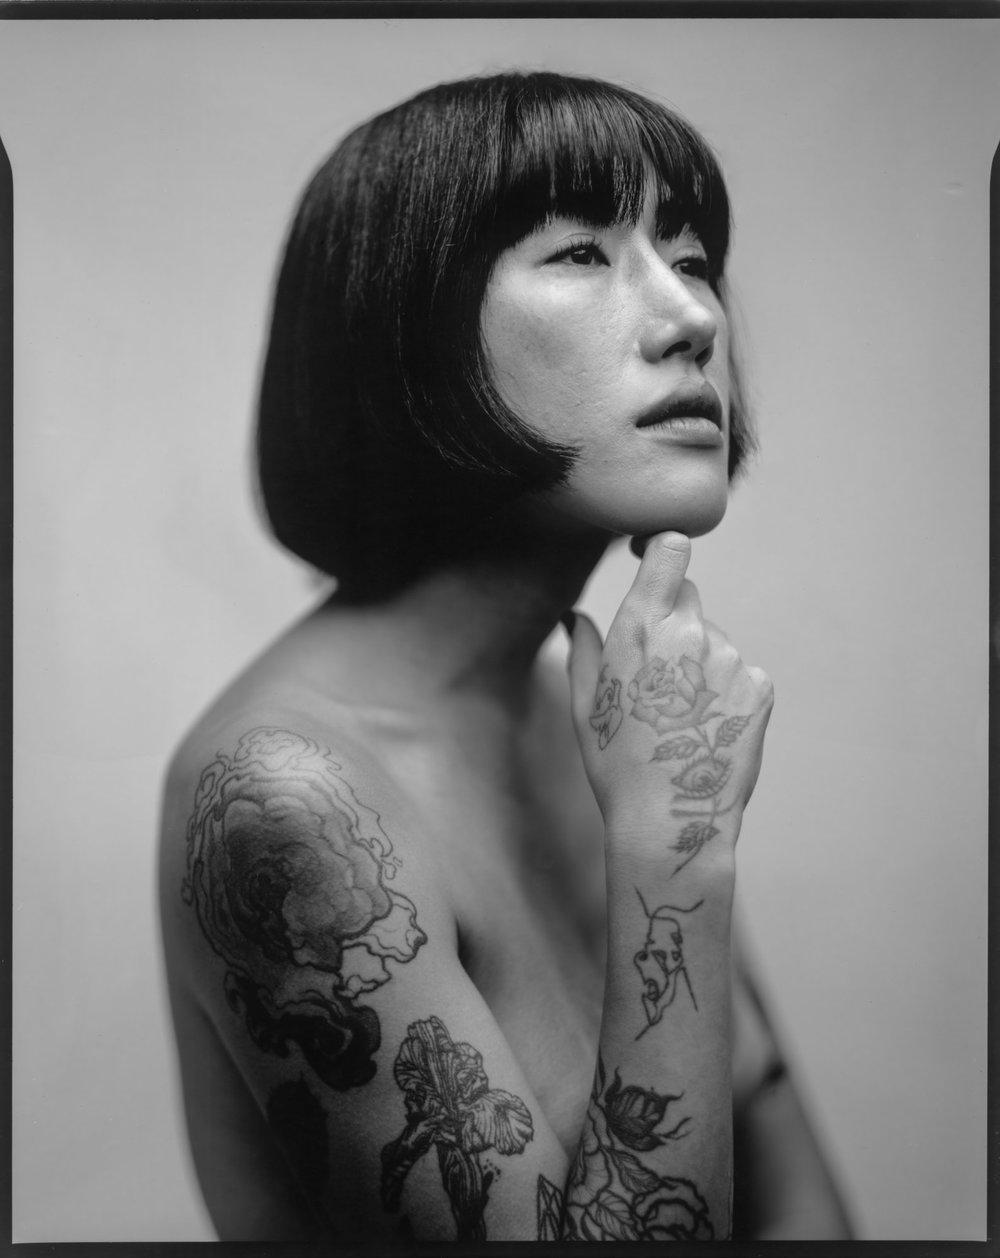 tattooist-korea-810056.jpg